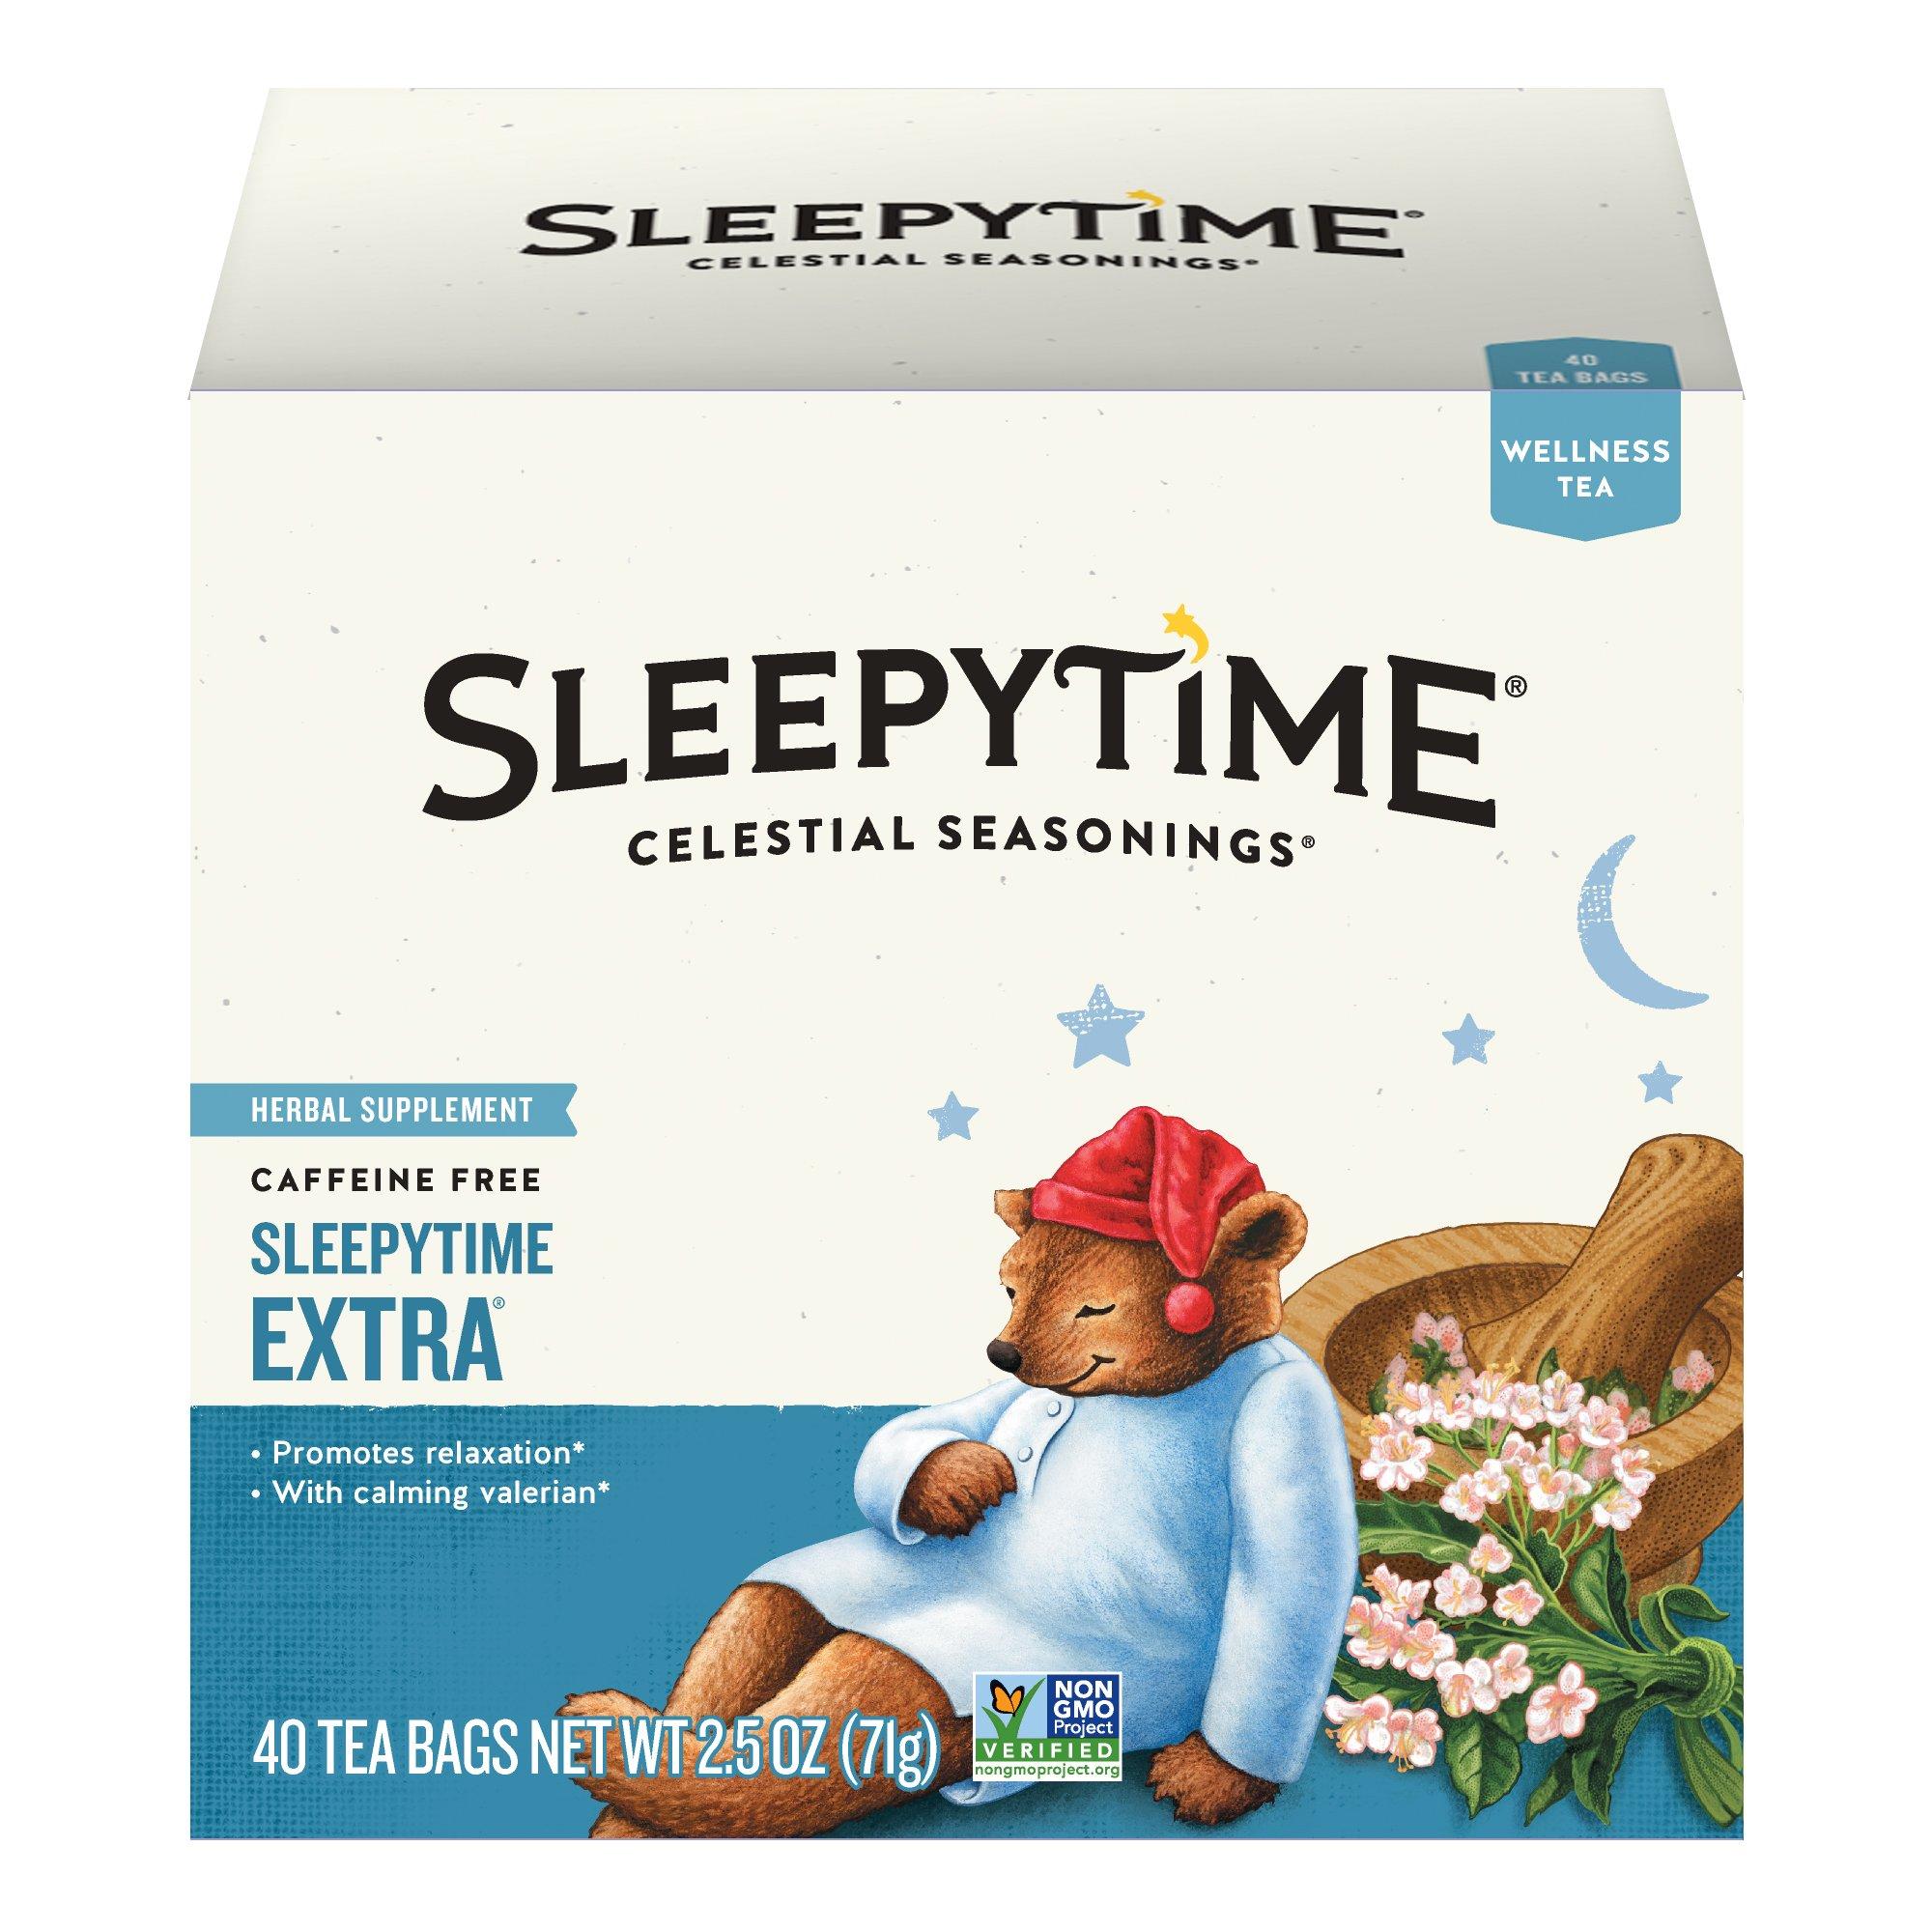 Celestial Seasonings Wellness Tea, Sleepytime Extra, 40 Count Box (Pack of 6) by Celestial Seasonings